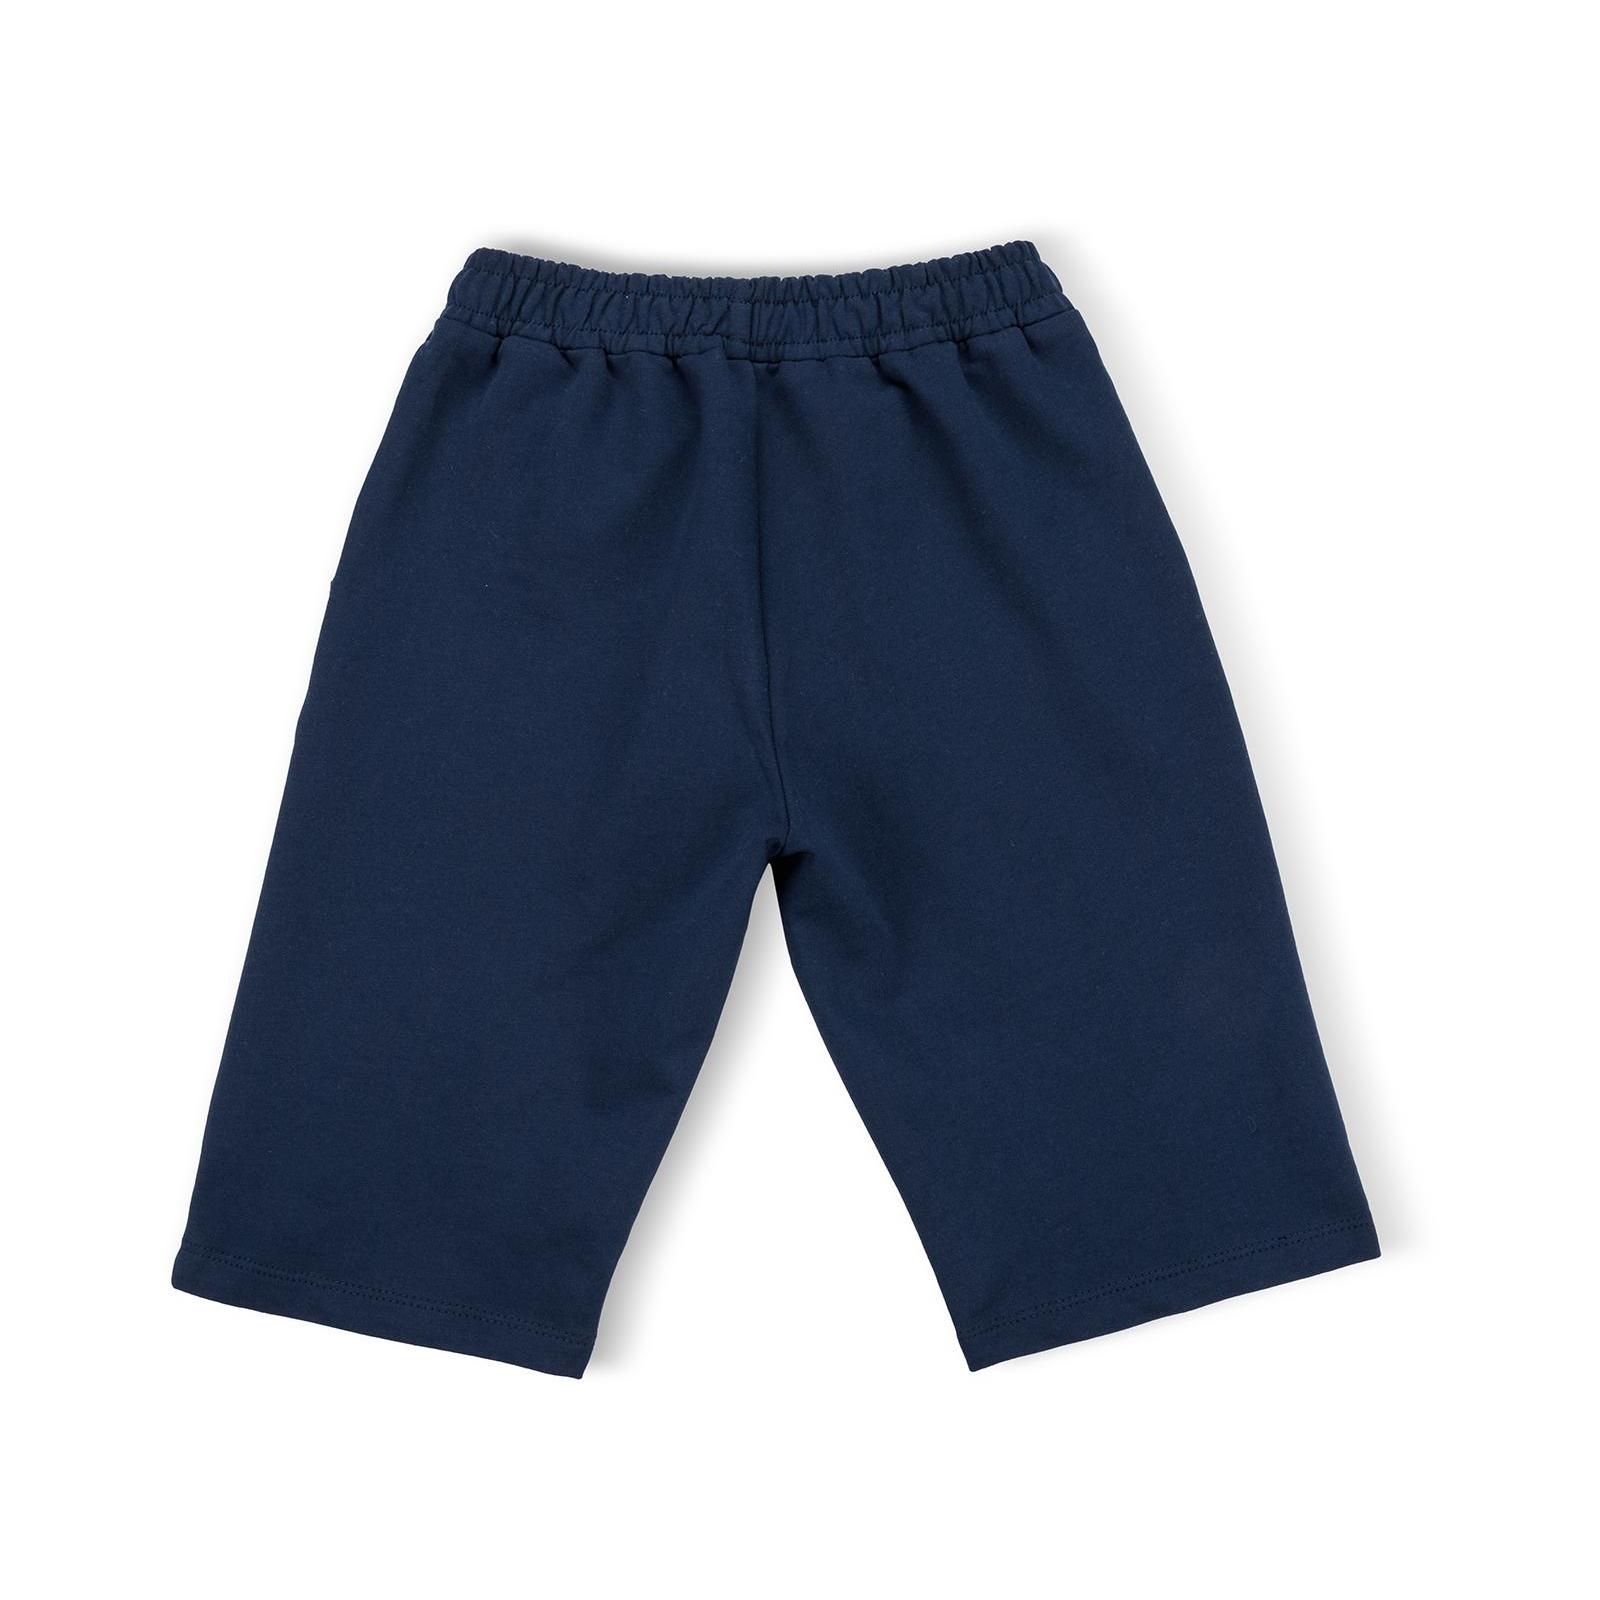 """Футболка детская Breeze с шортами """"XFT"""" (10925-146B-blue) изображение 6"""